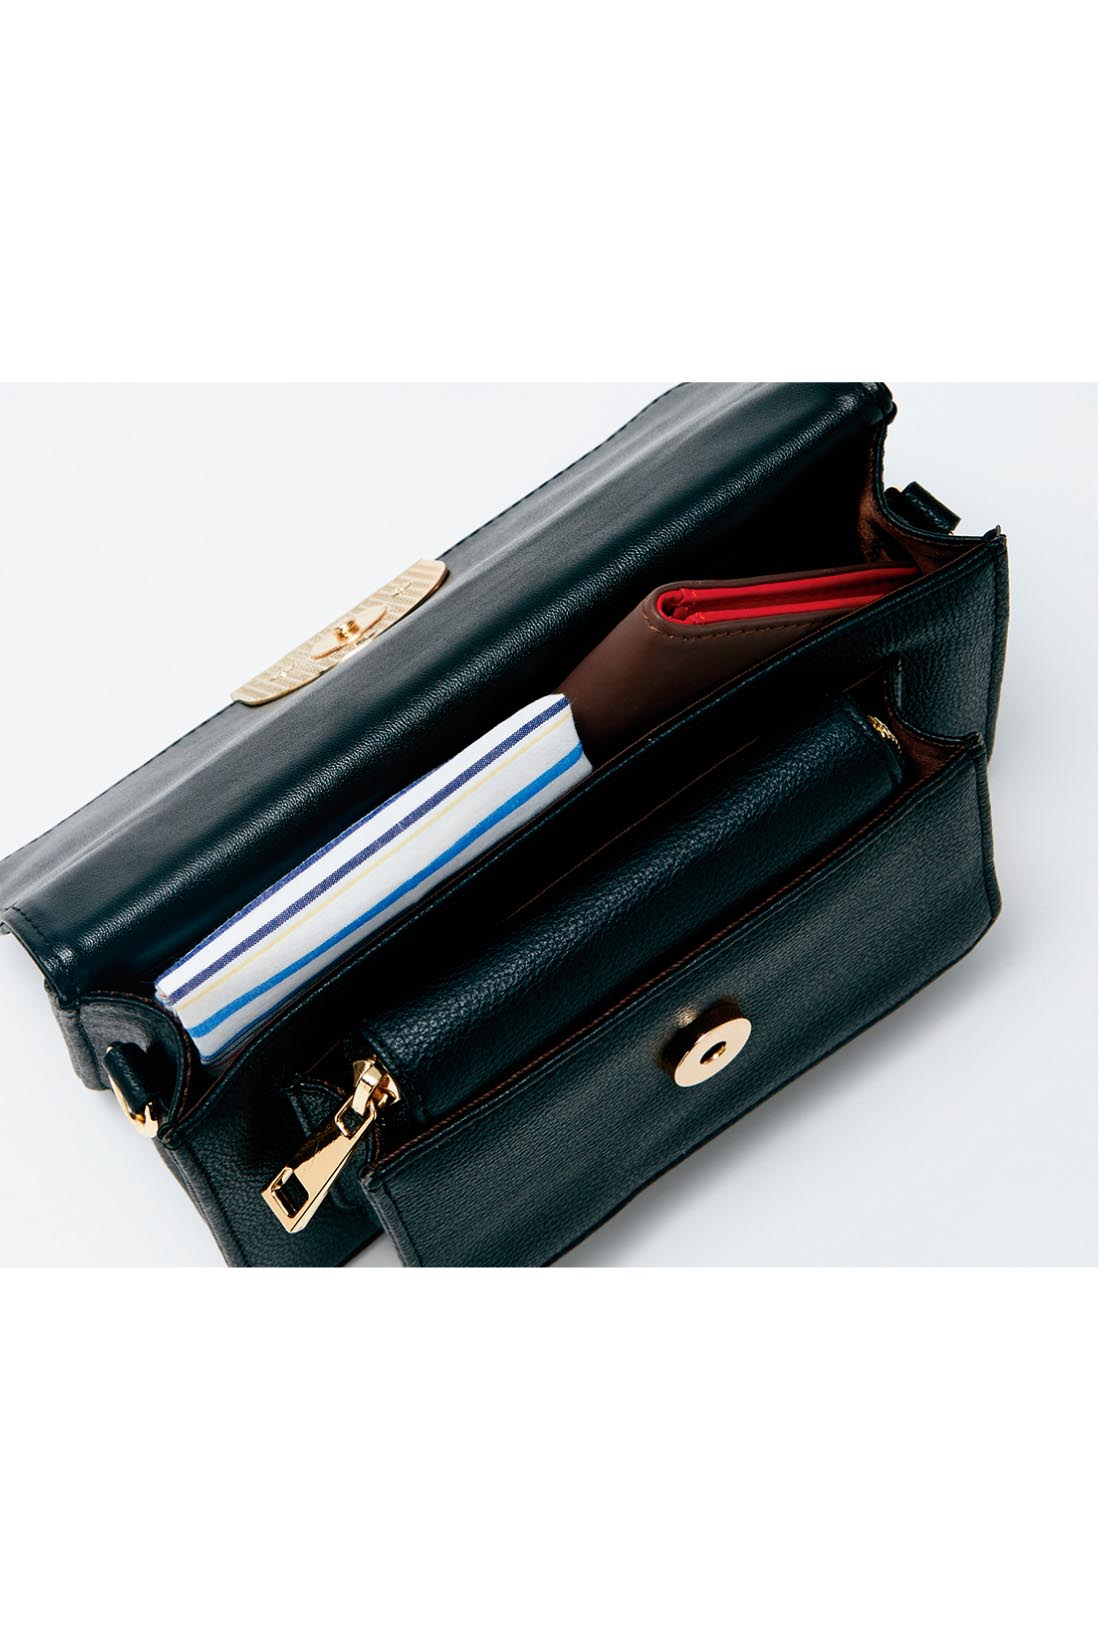 スマホも入るサイズ感 セットのお財布は指定席に。小さいながらもお出かけの必需品が、きちんと収まります。